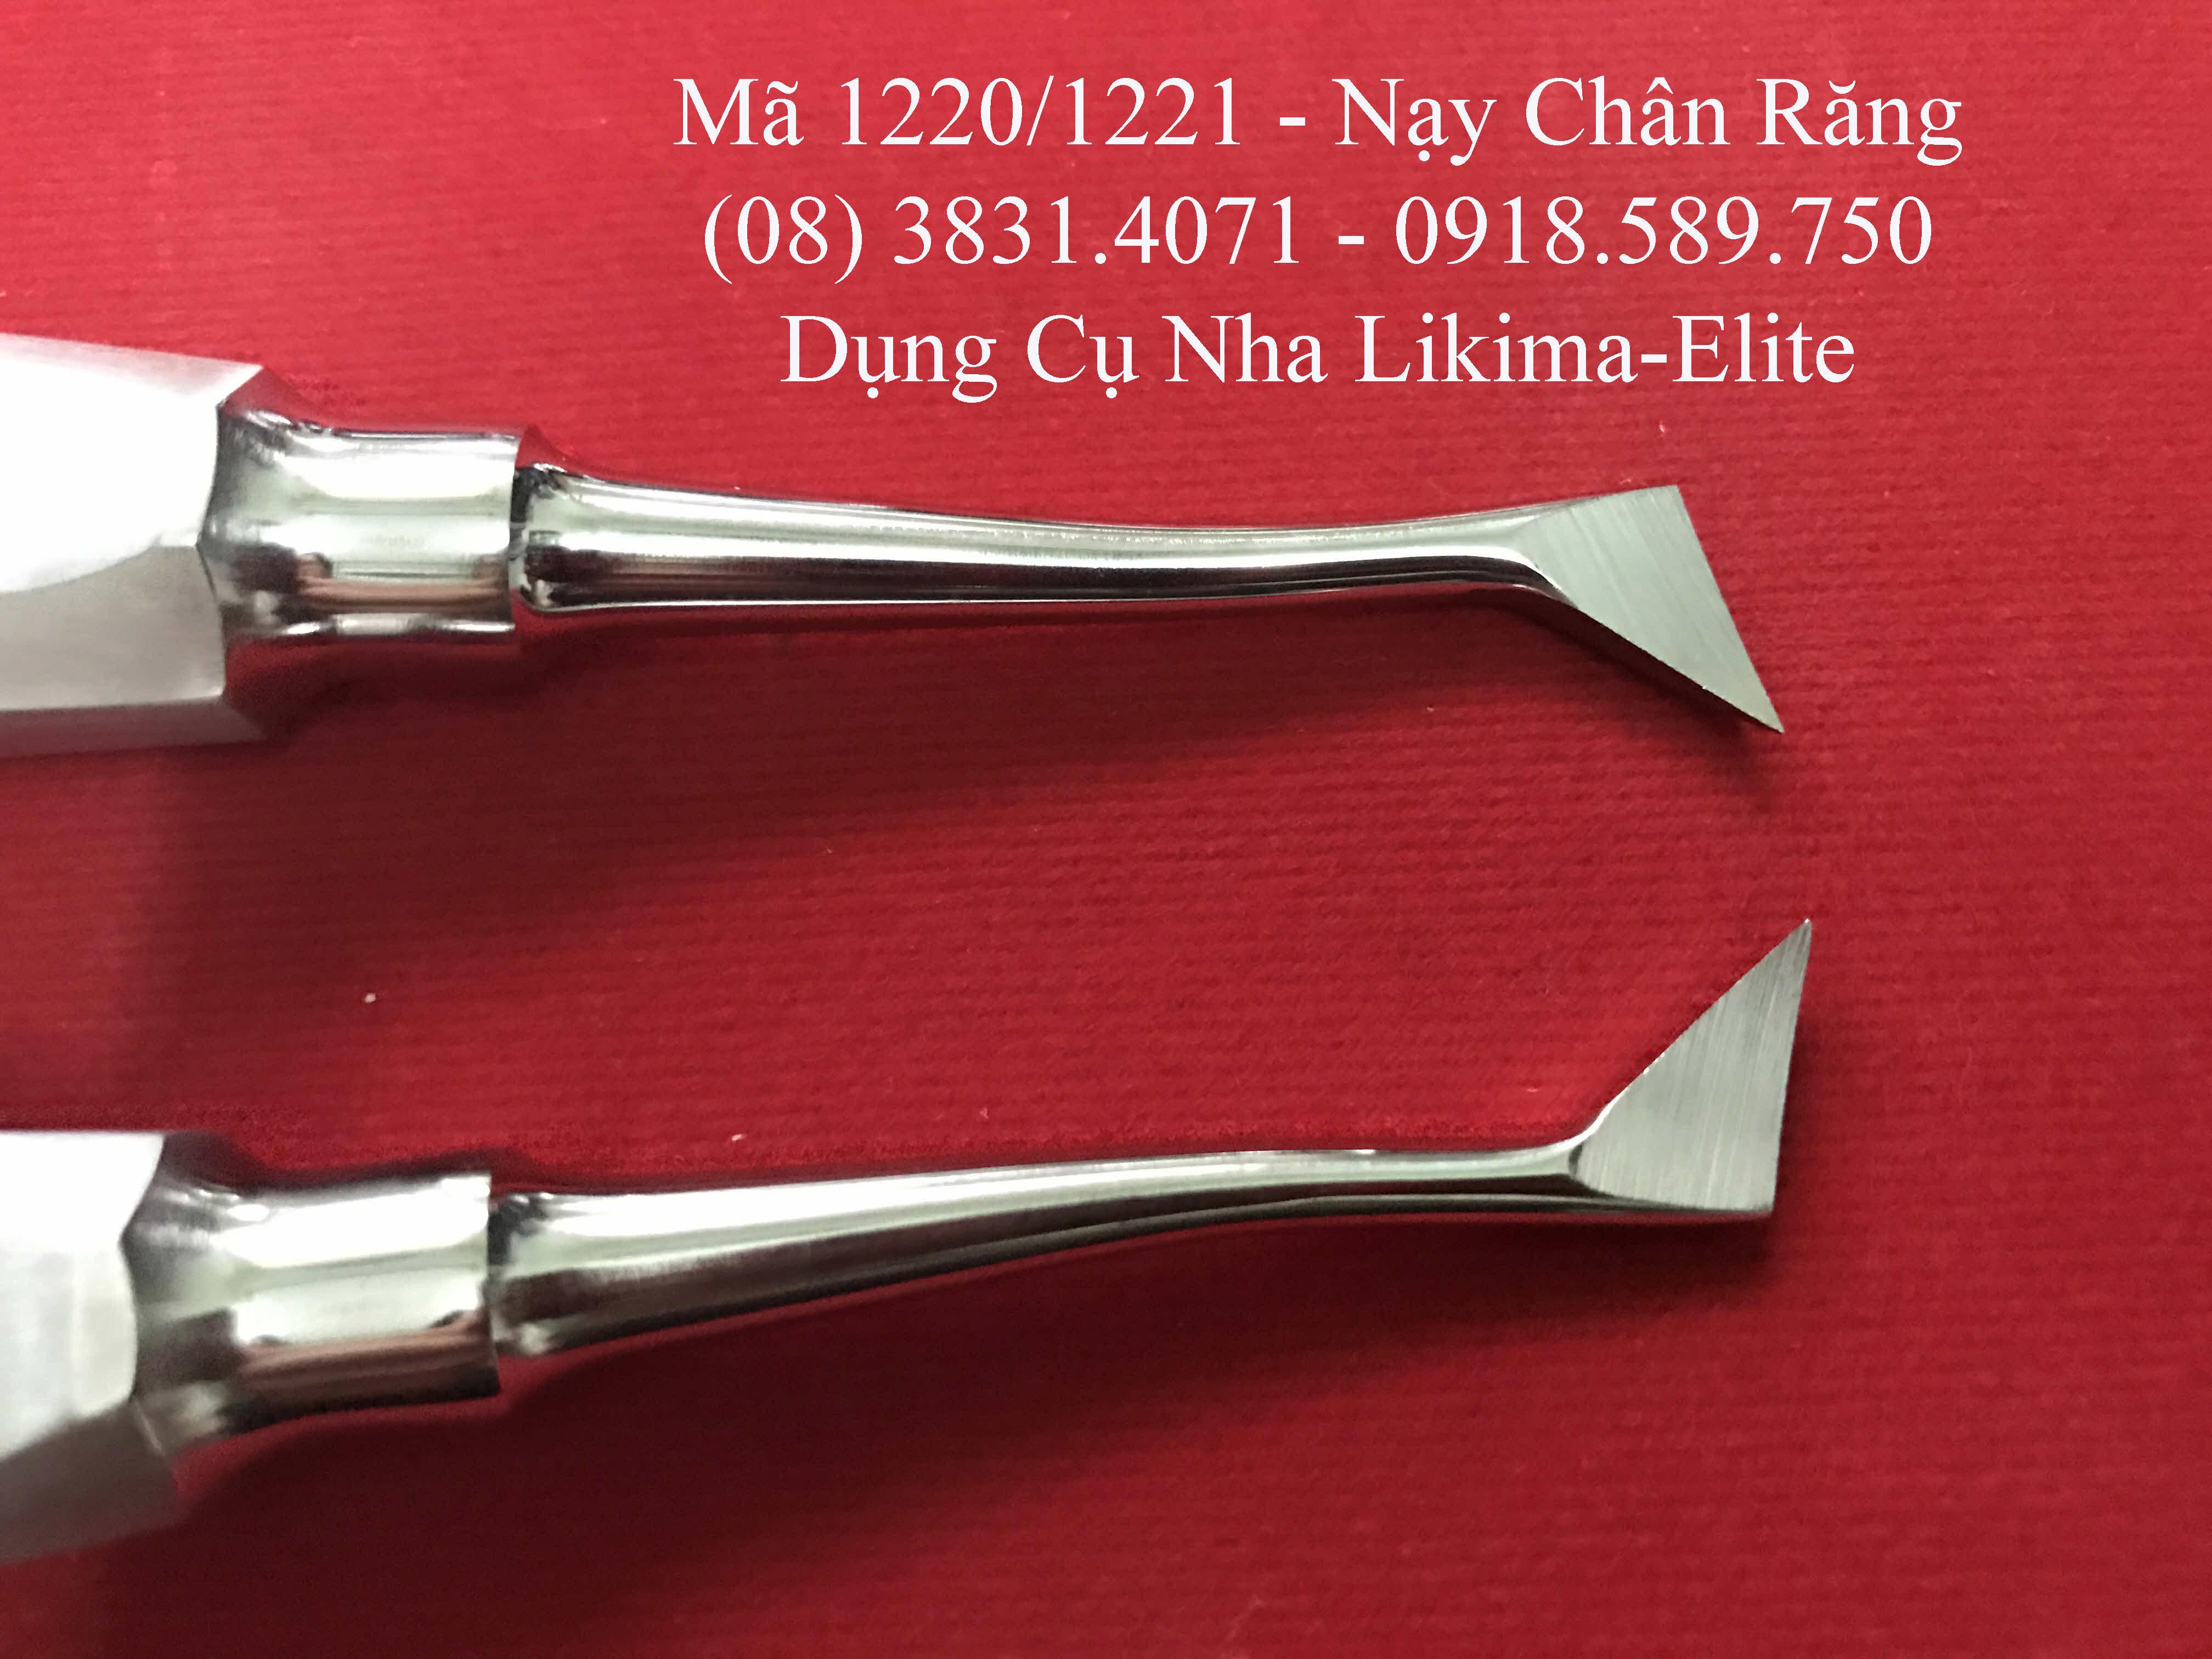 bay-chan-rang-va-rang-ham-duoi-1220-1221